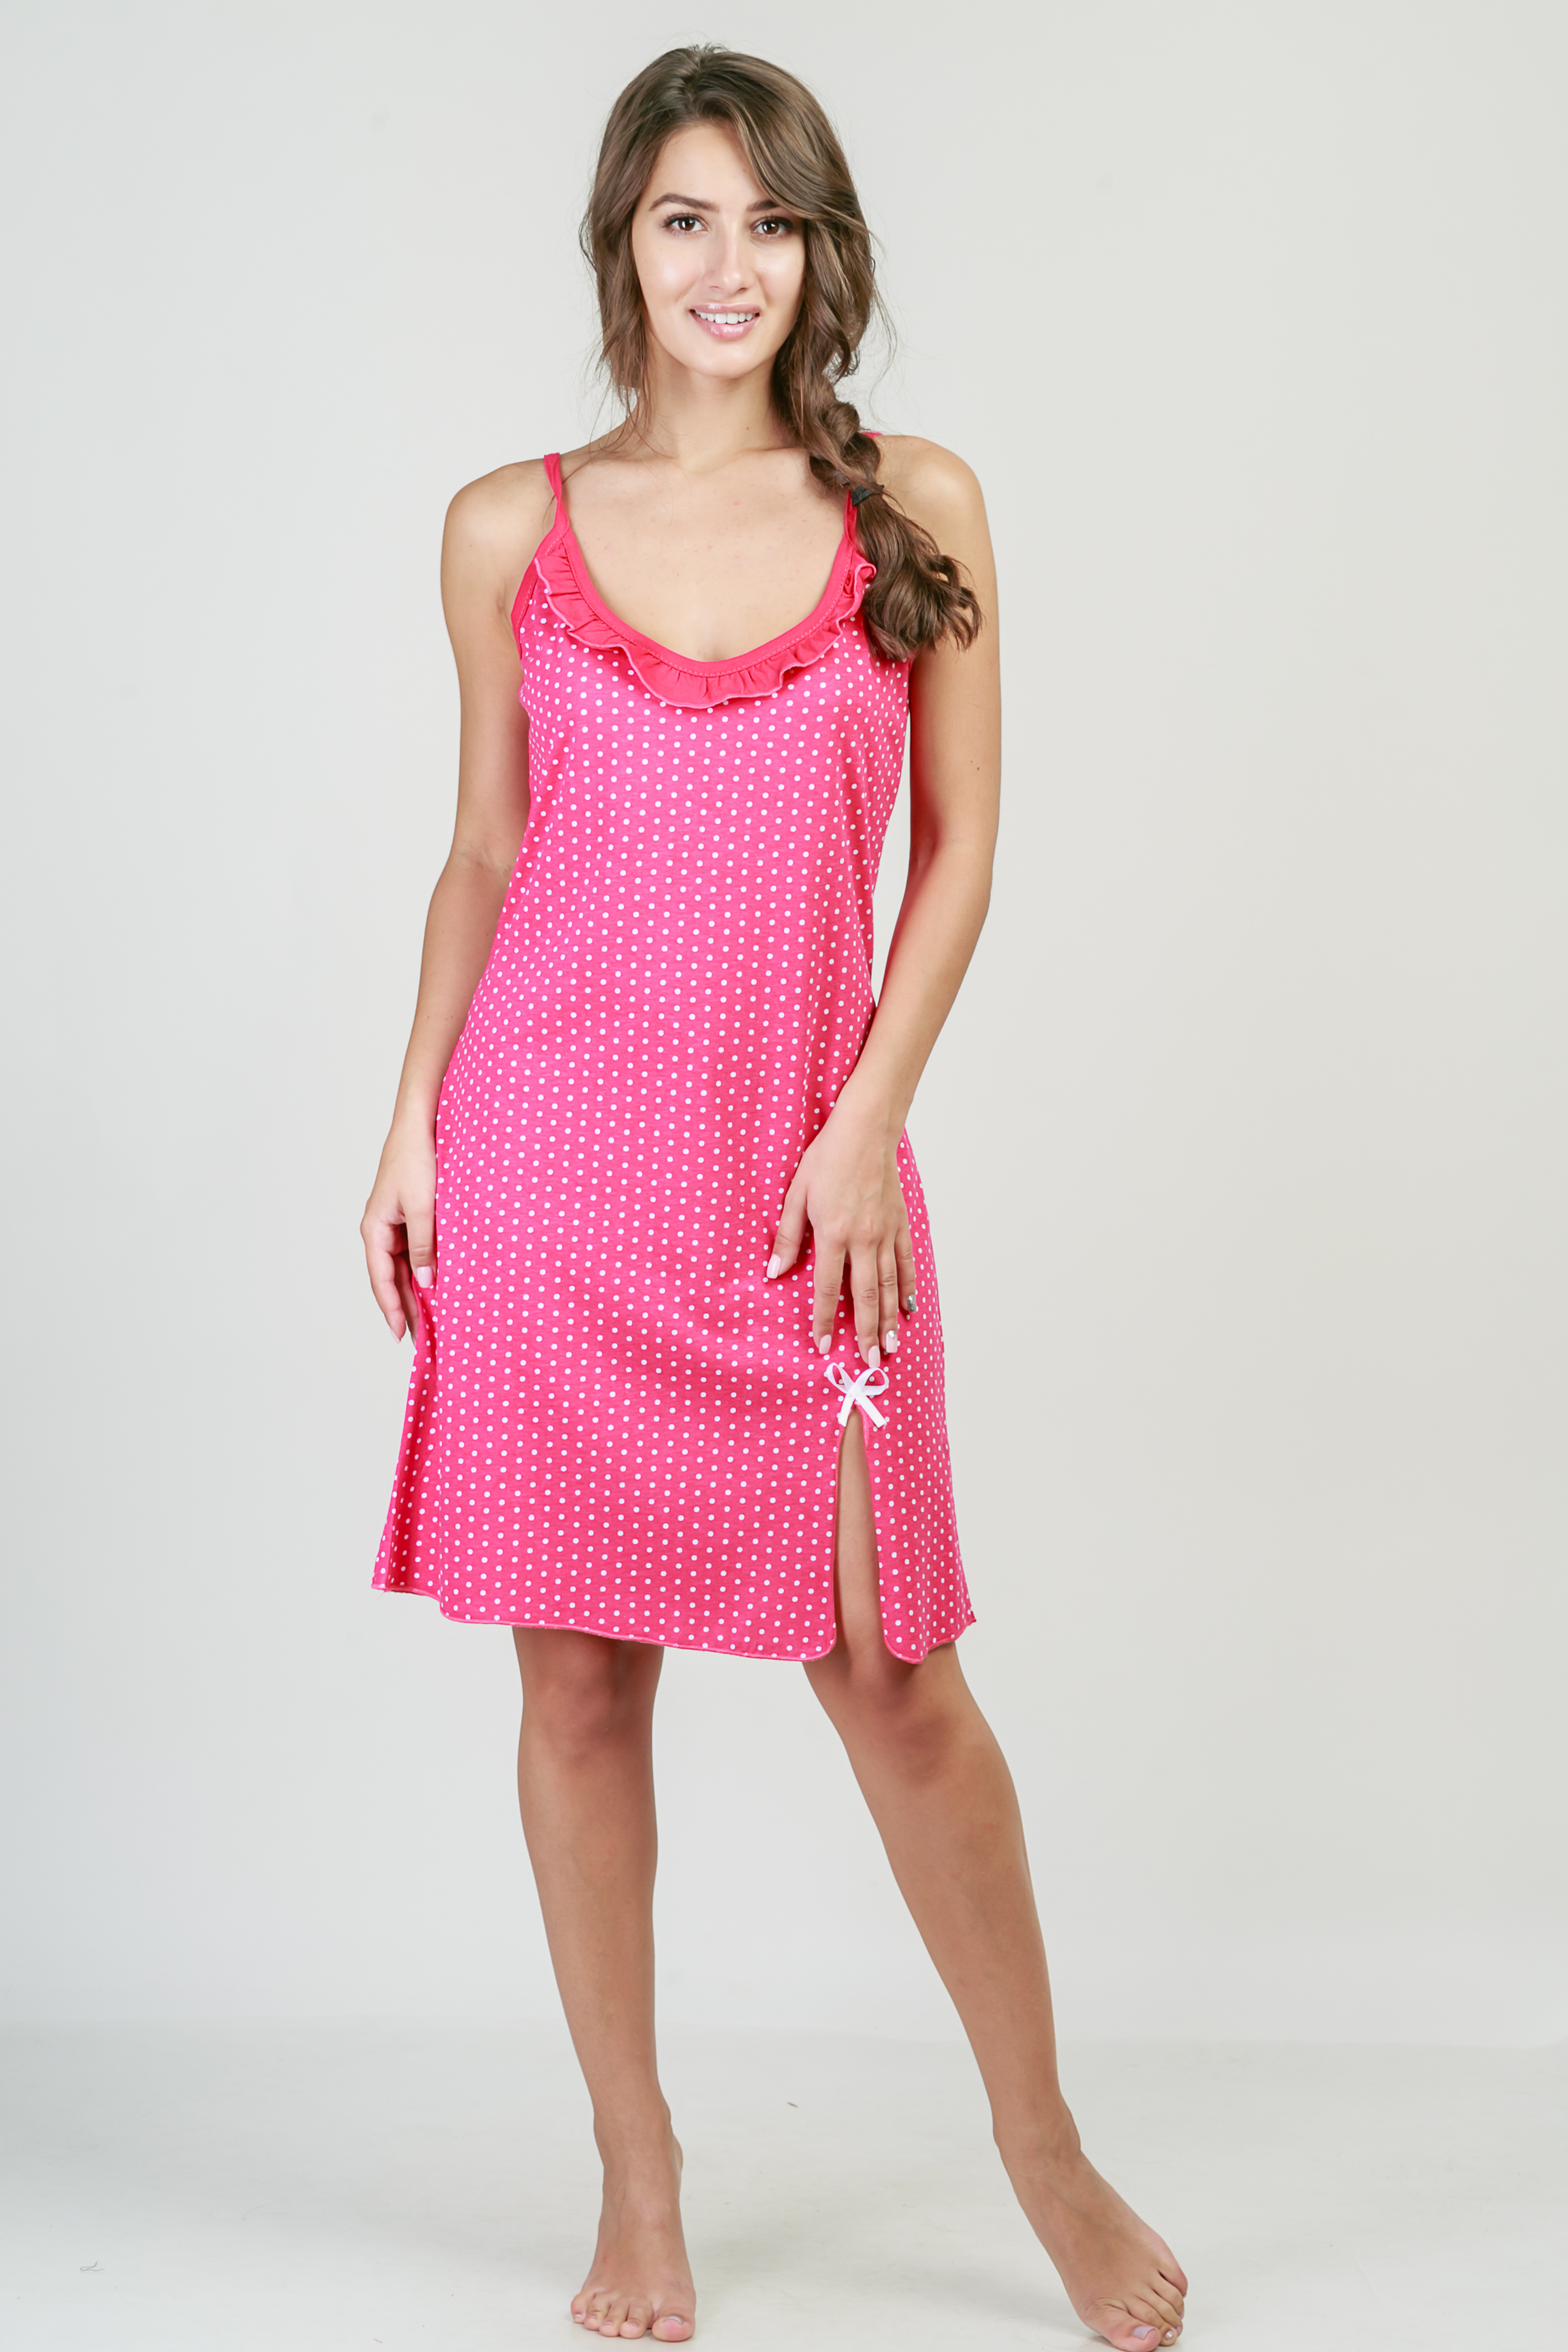 Ночные сорочки Pastilla Ночная сорочка Афродита Цвет: Малиновый (xxL) ночные сорочки pastilla ночная сорочка афродита цвет малиновый xl xxl